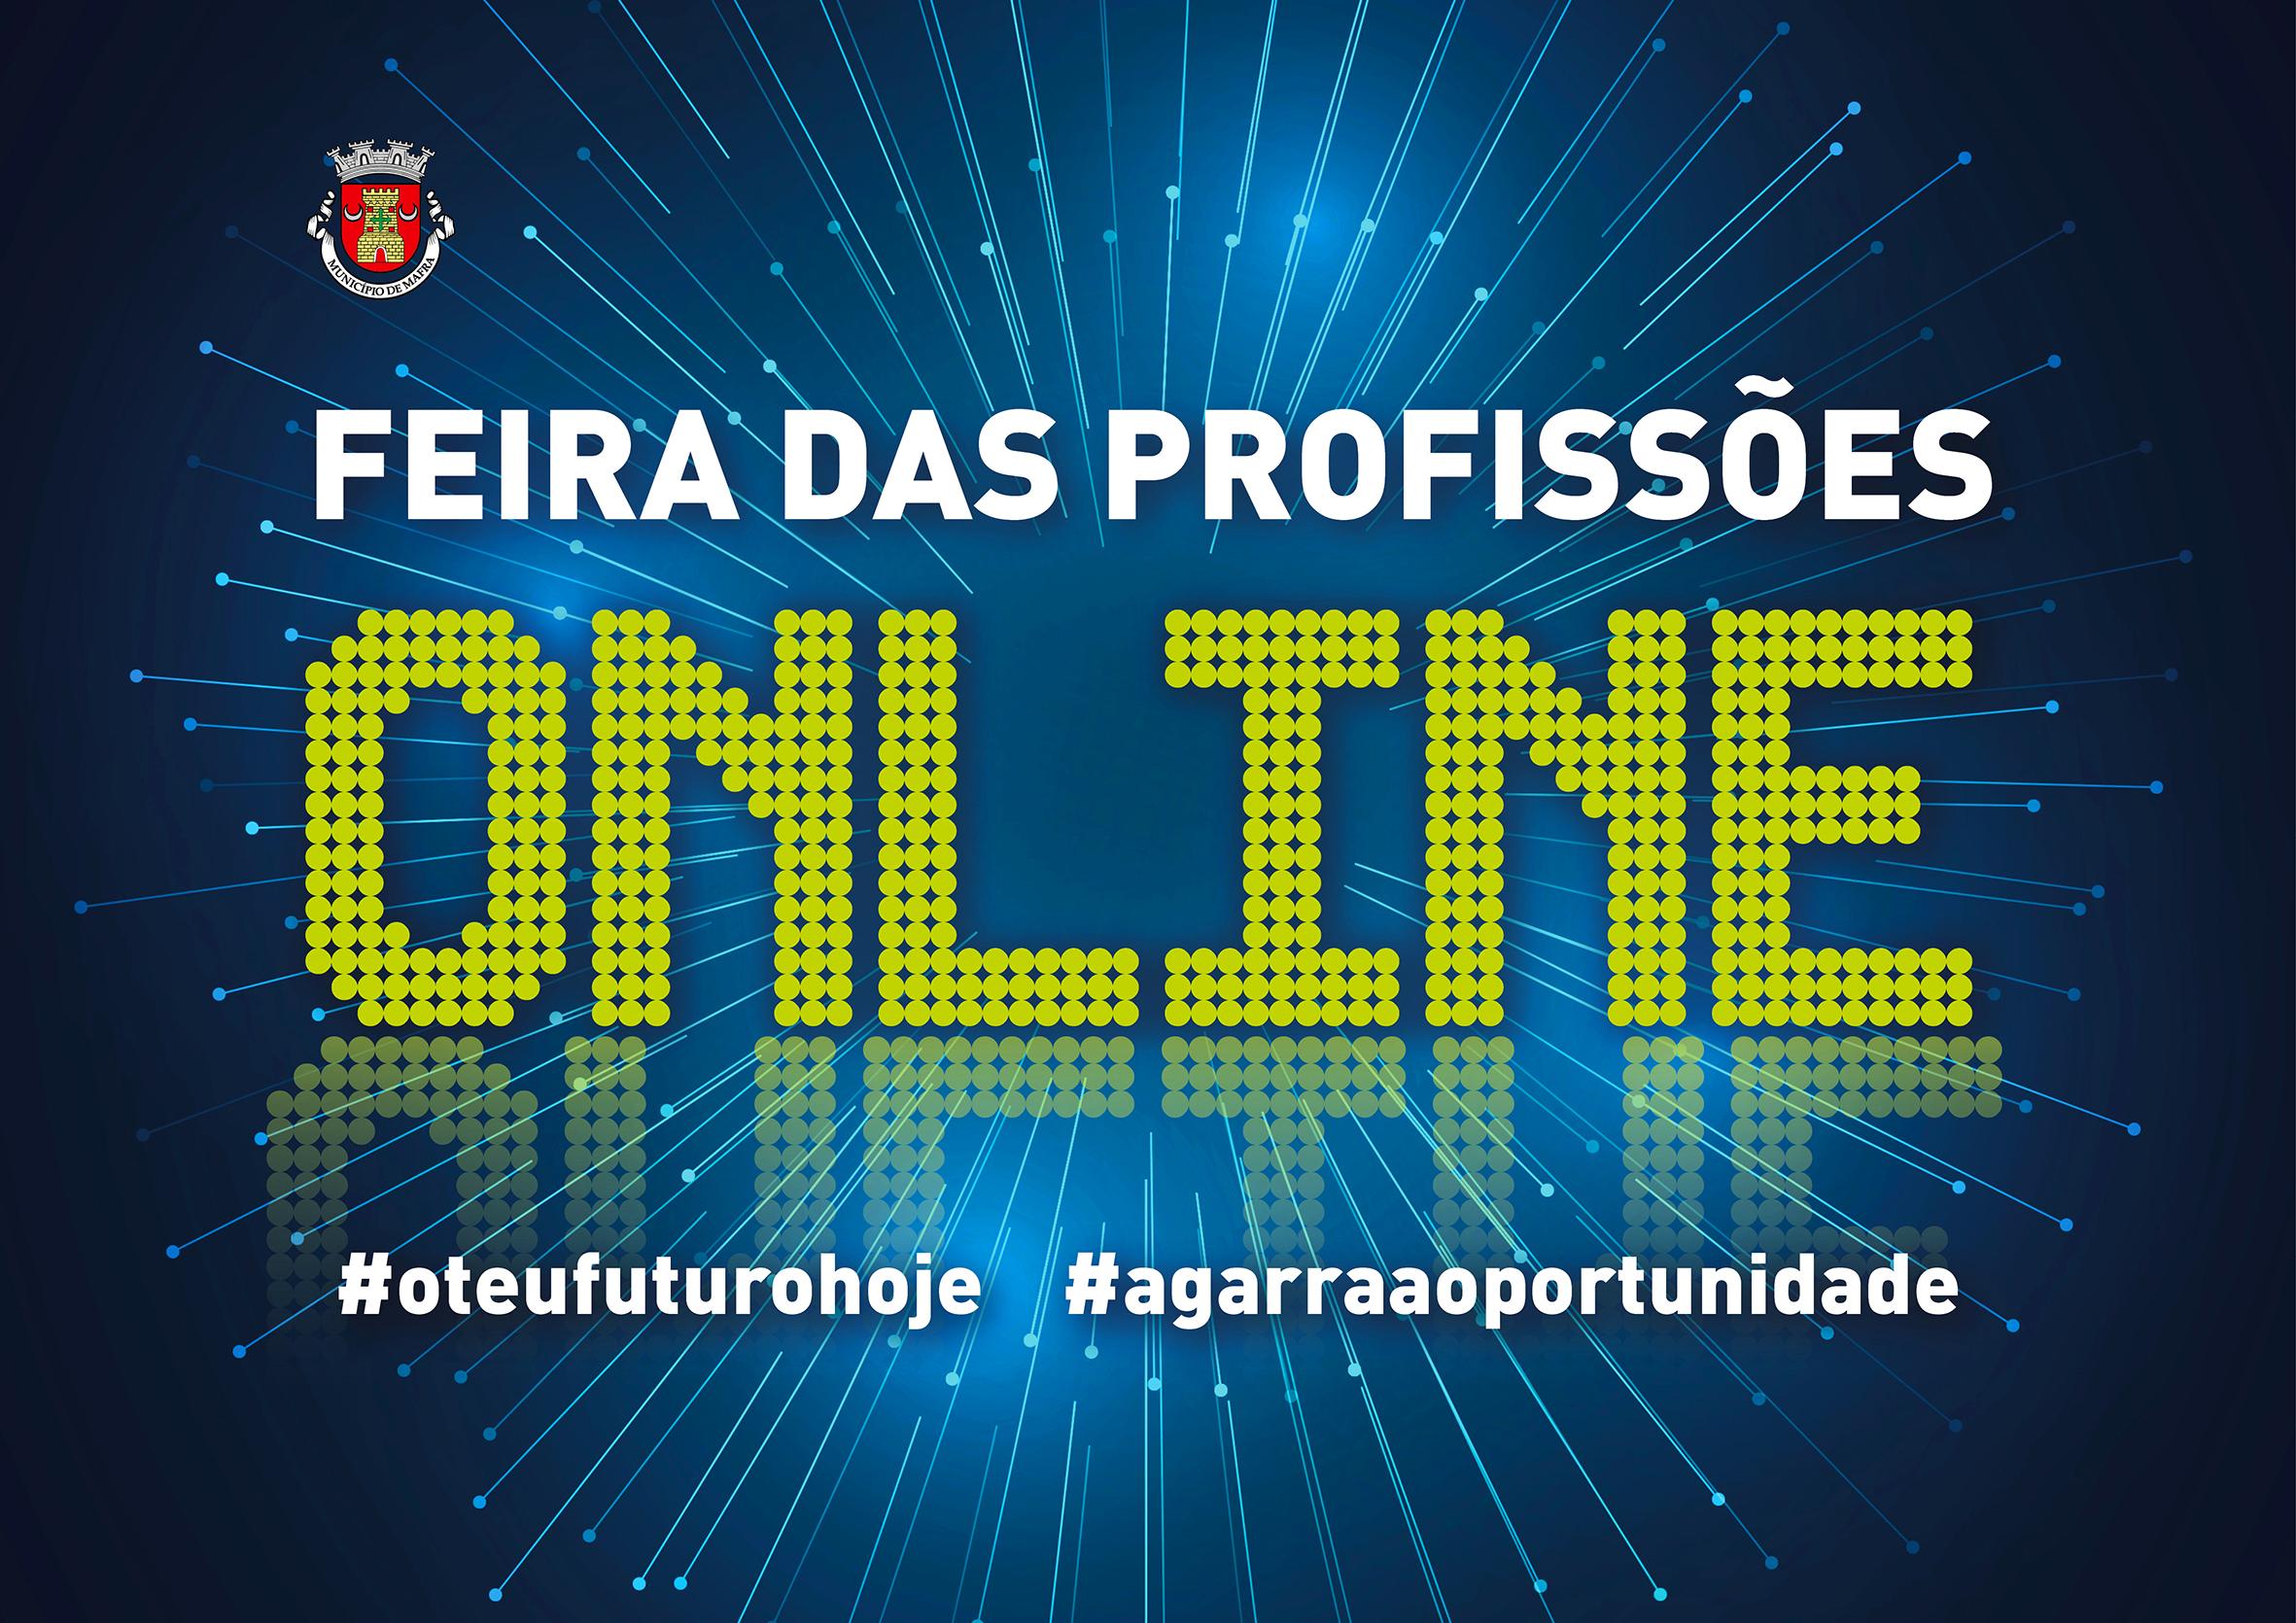 Feira das Profissões Online